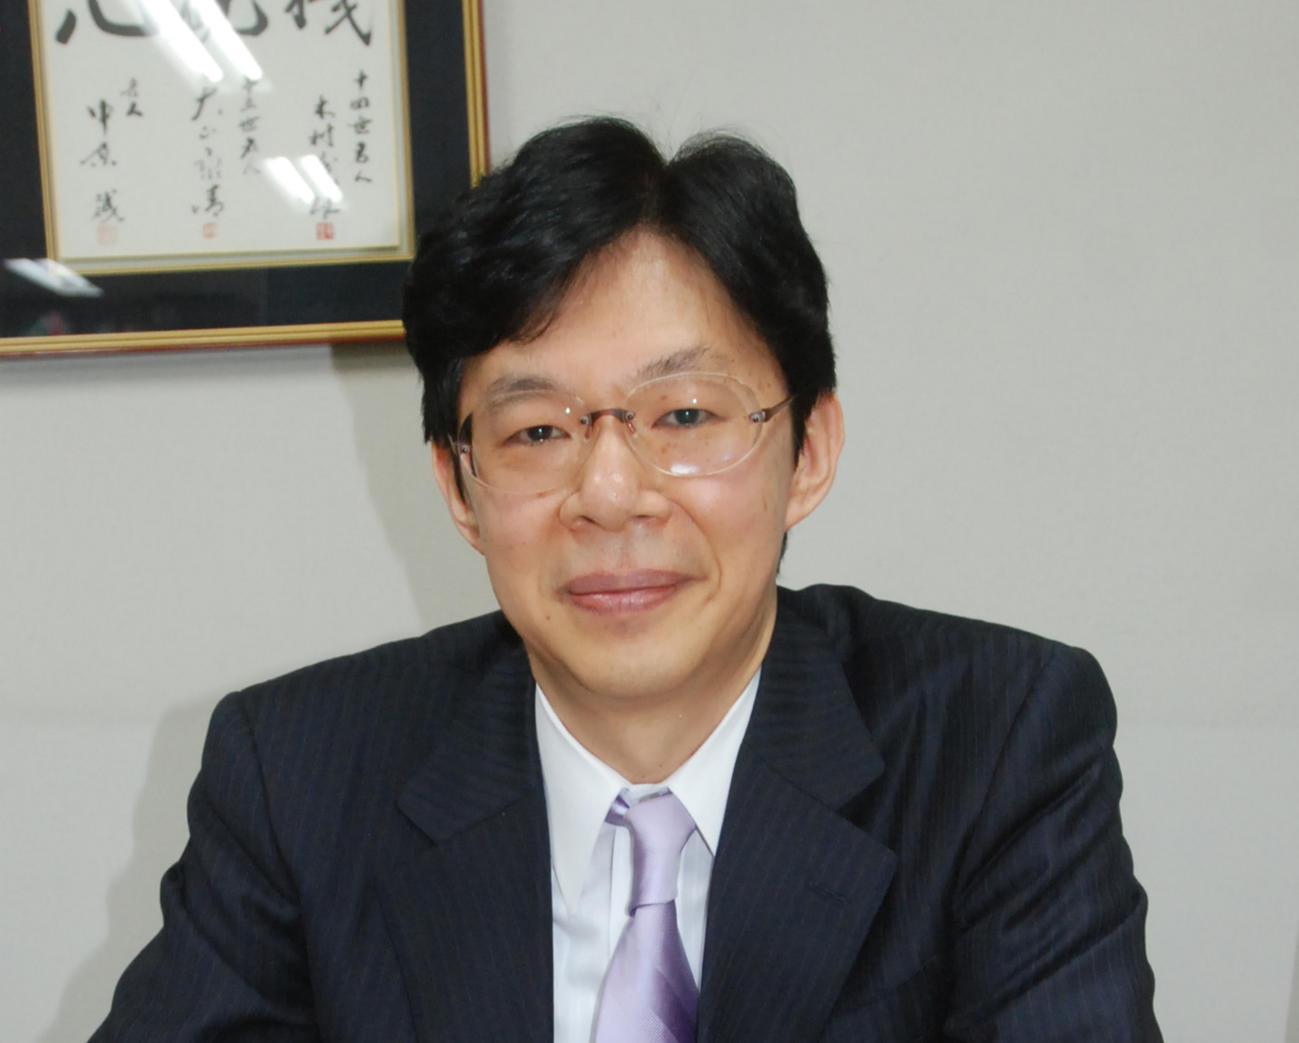 谷川浩司九段(18年11月16日撮影)